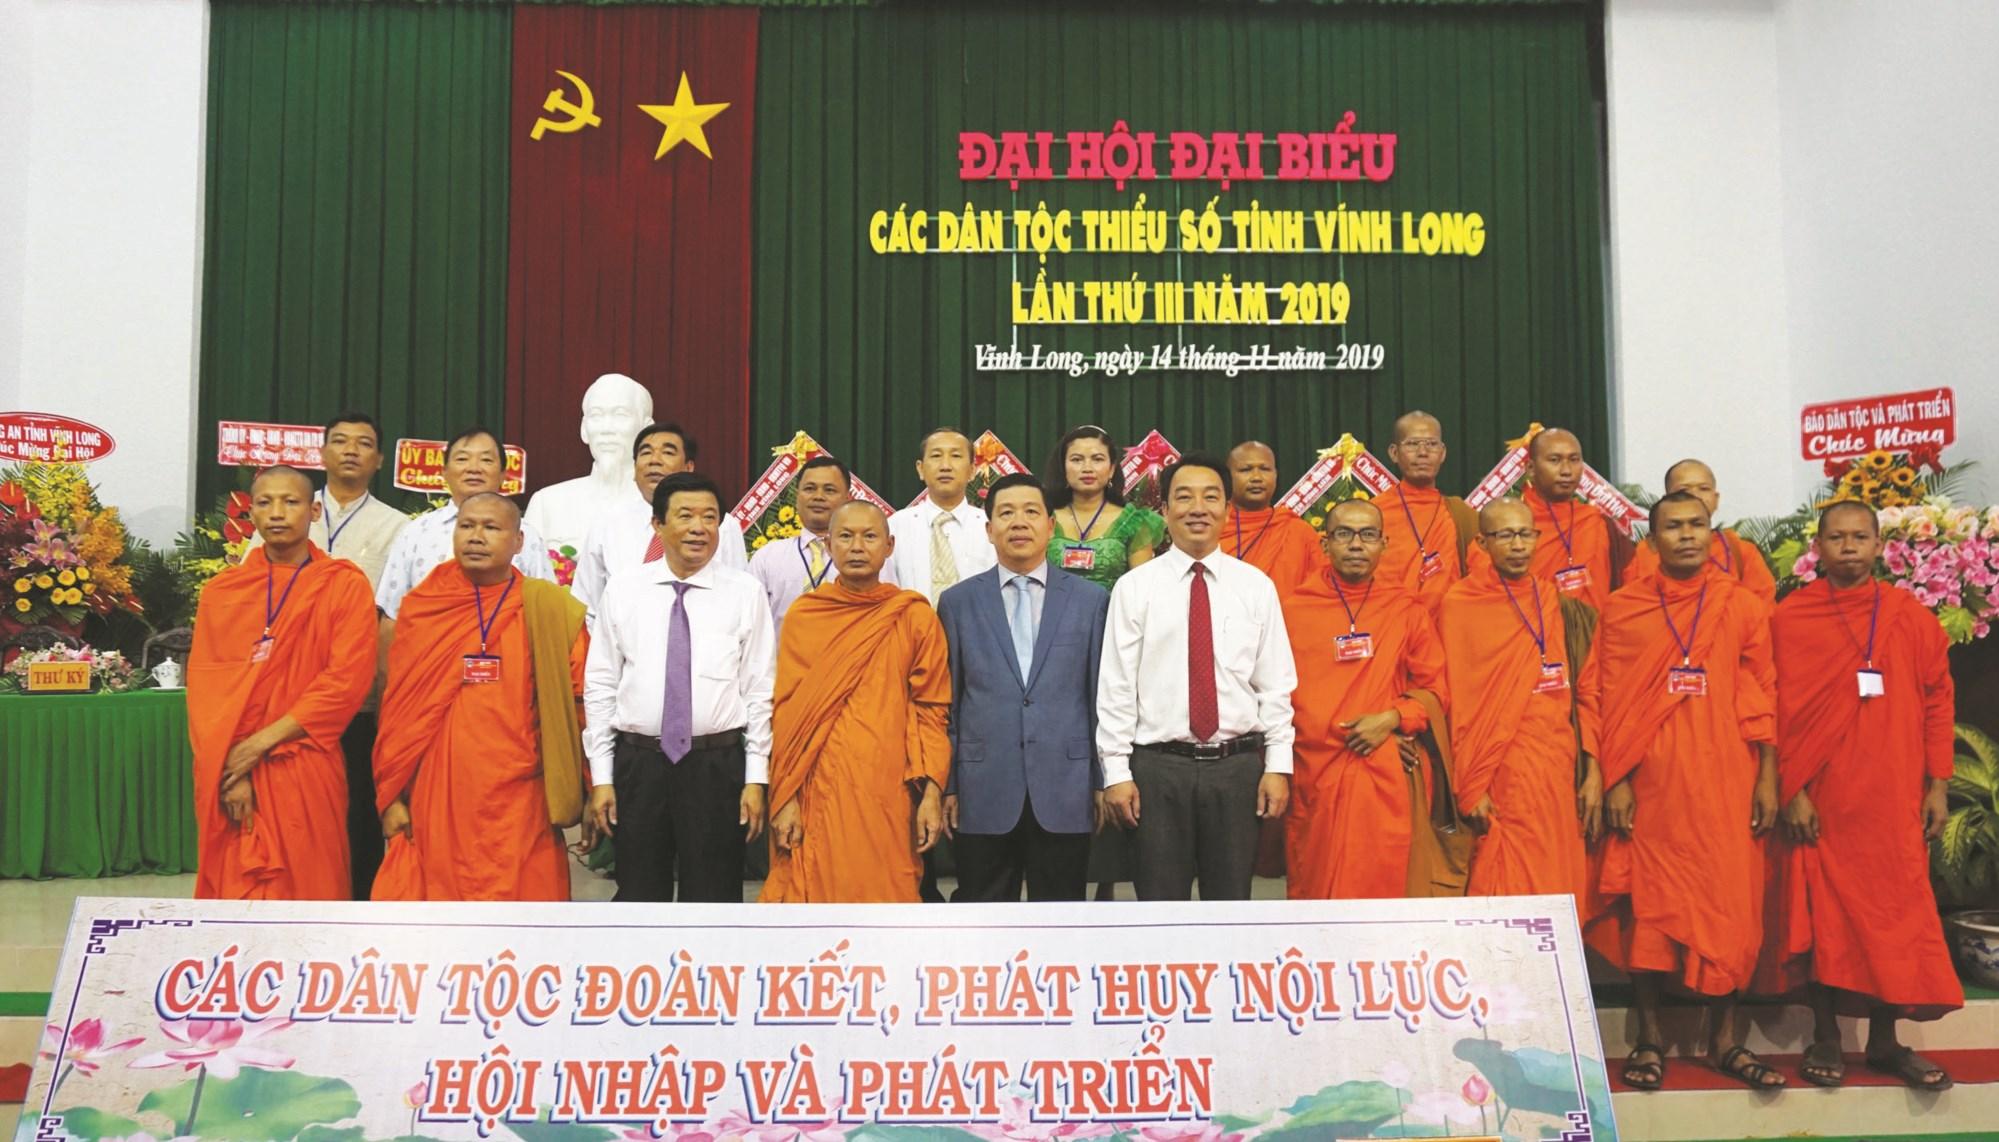 Thứ trưởng, Phó chủ nhiệm UBDT Lê Sơn Hải (đứng thứ 5 hàng đầu từ trái sang phải) cùng lãnh đạo tỉnh chụp ảnh lưu niệm với các đại biểu dự Đại Hội